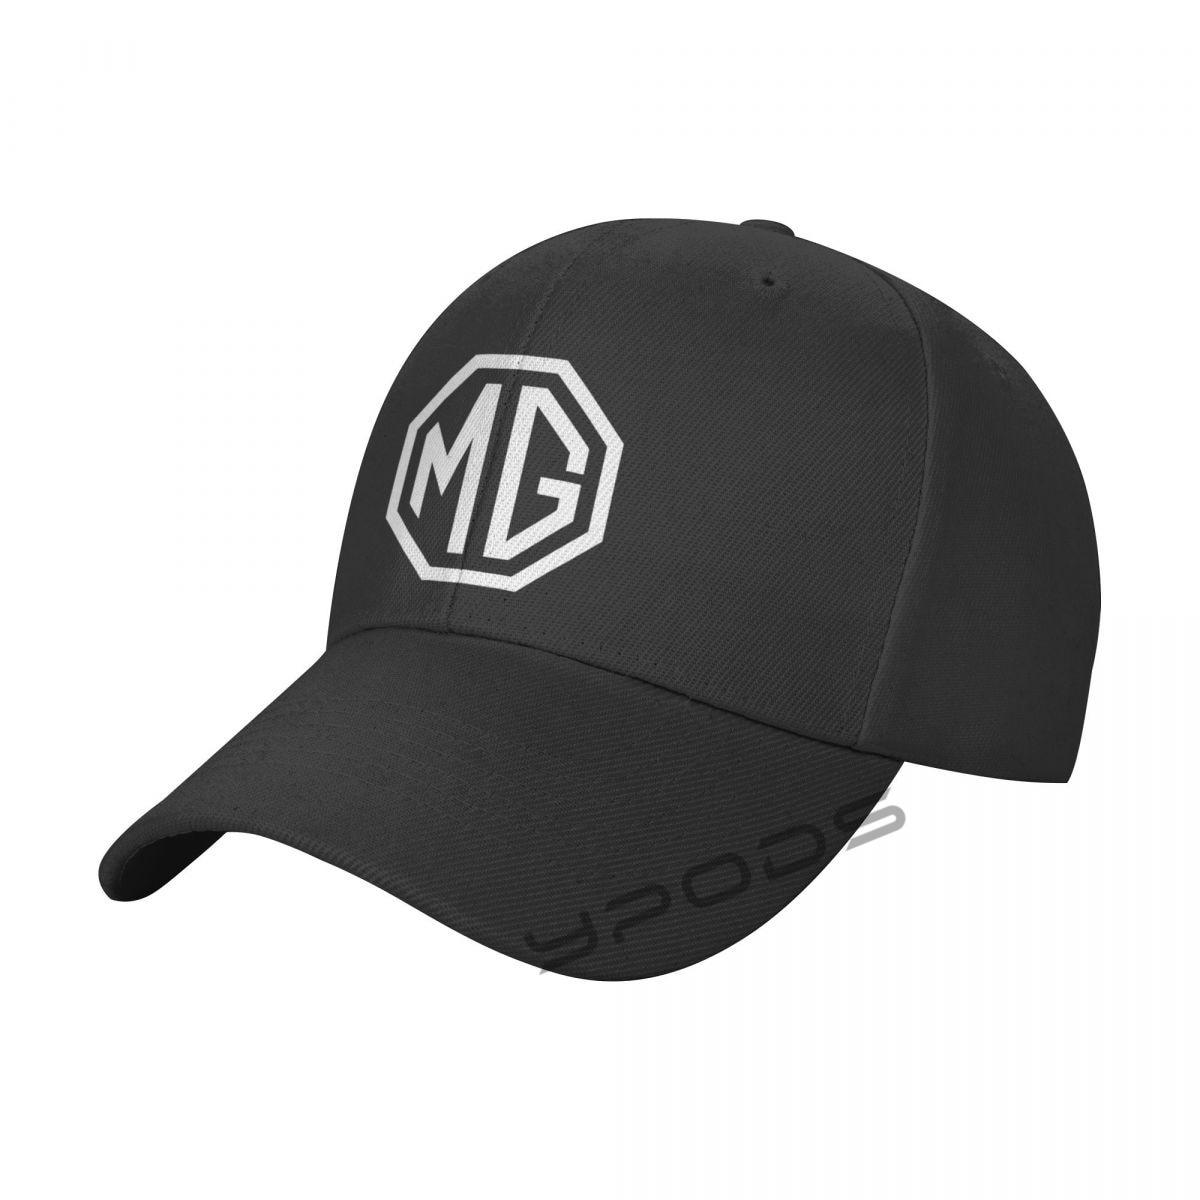 Новинка, бейсболка Mg со вторичным рынка, кепка для мужчин и женщин, мужская Кепка, Снэпбэк Кепка, повседневная Кепка, кепка, шапки